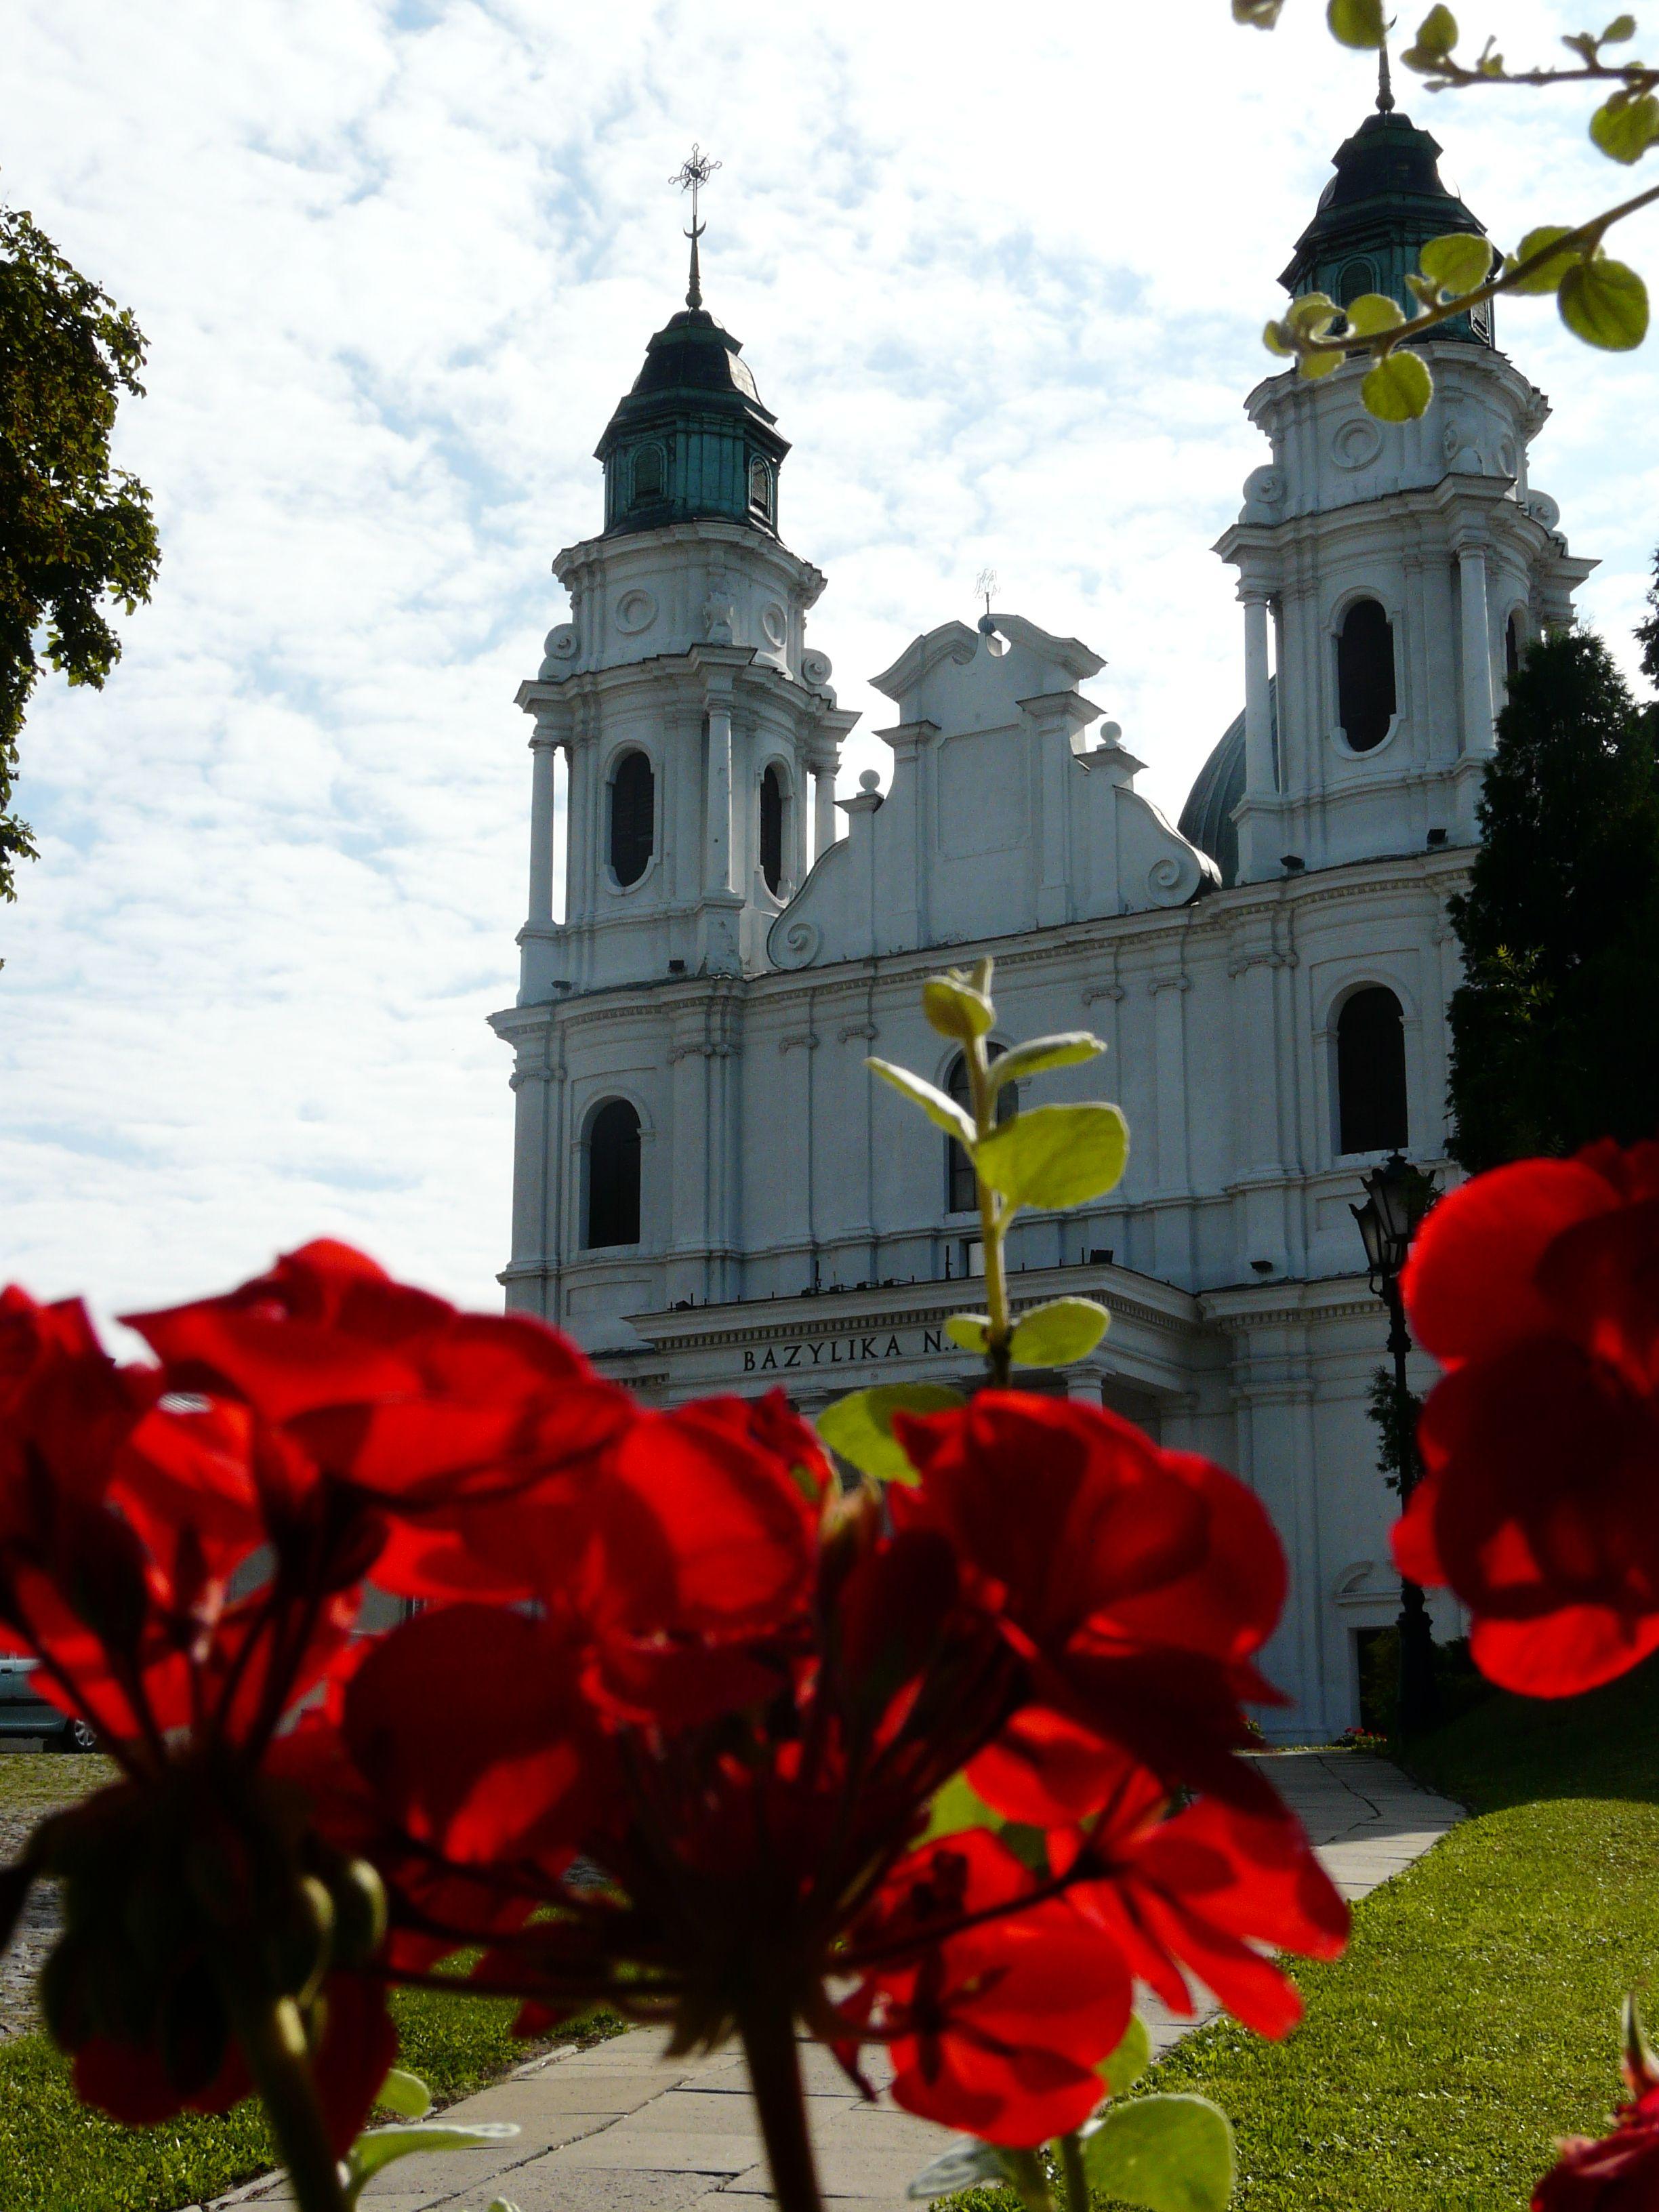 Sanktuarium Matki Bożej na Górze Chełmskiej, Chełm, Poland